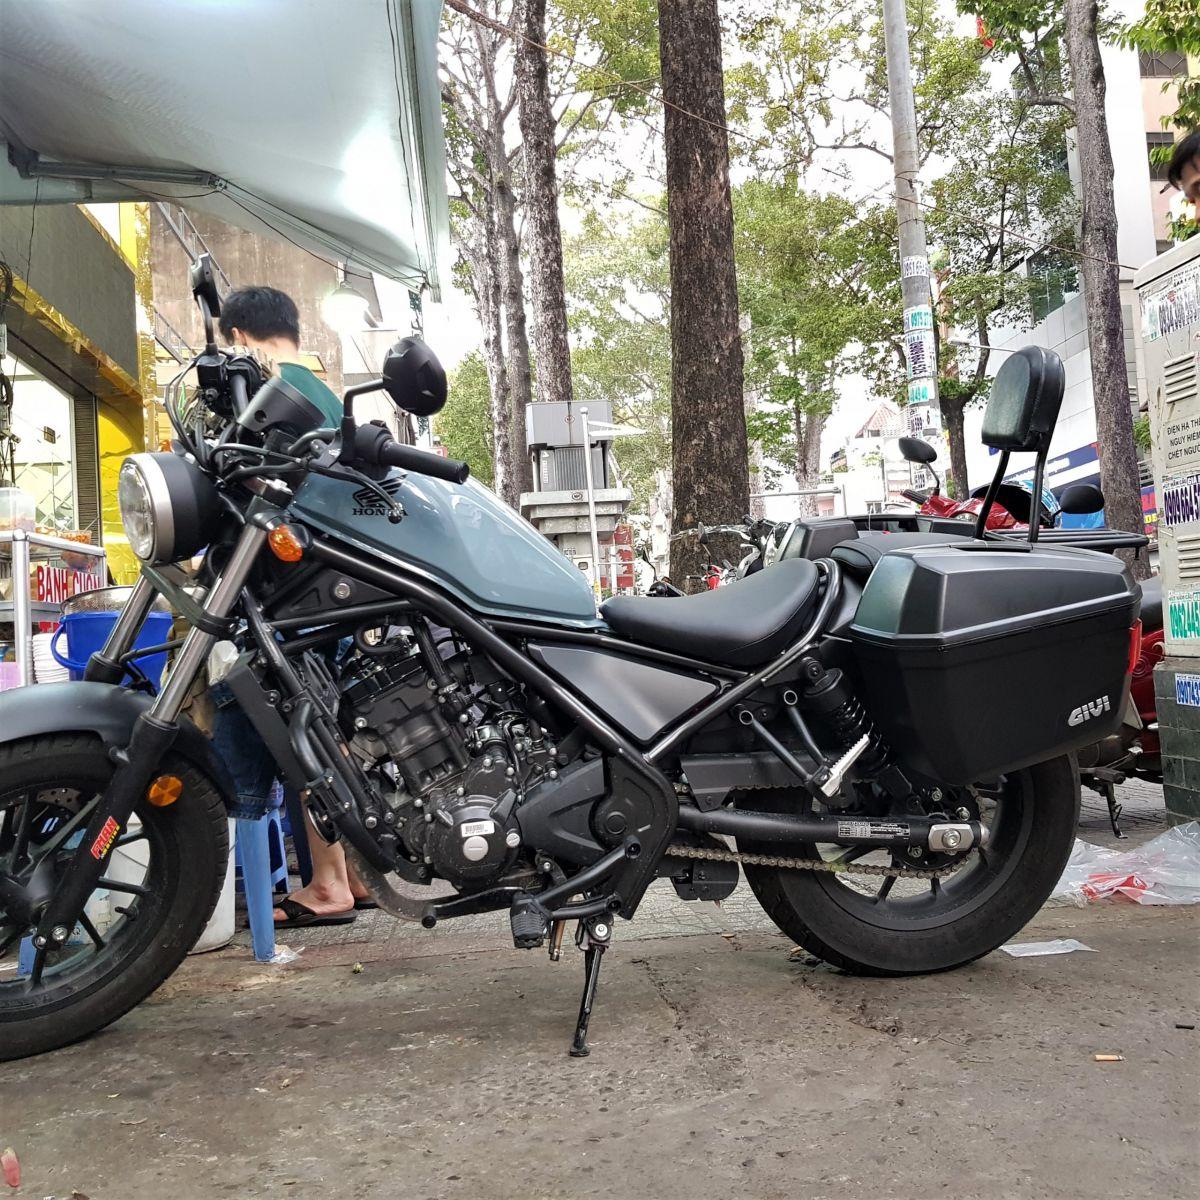 Thung-hong-givi-e22n-xe-honda-rebell-300-9